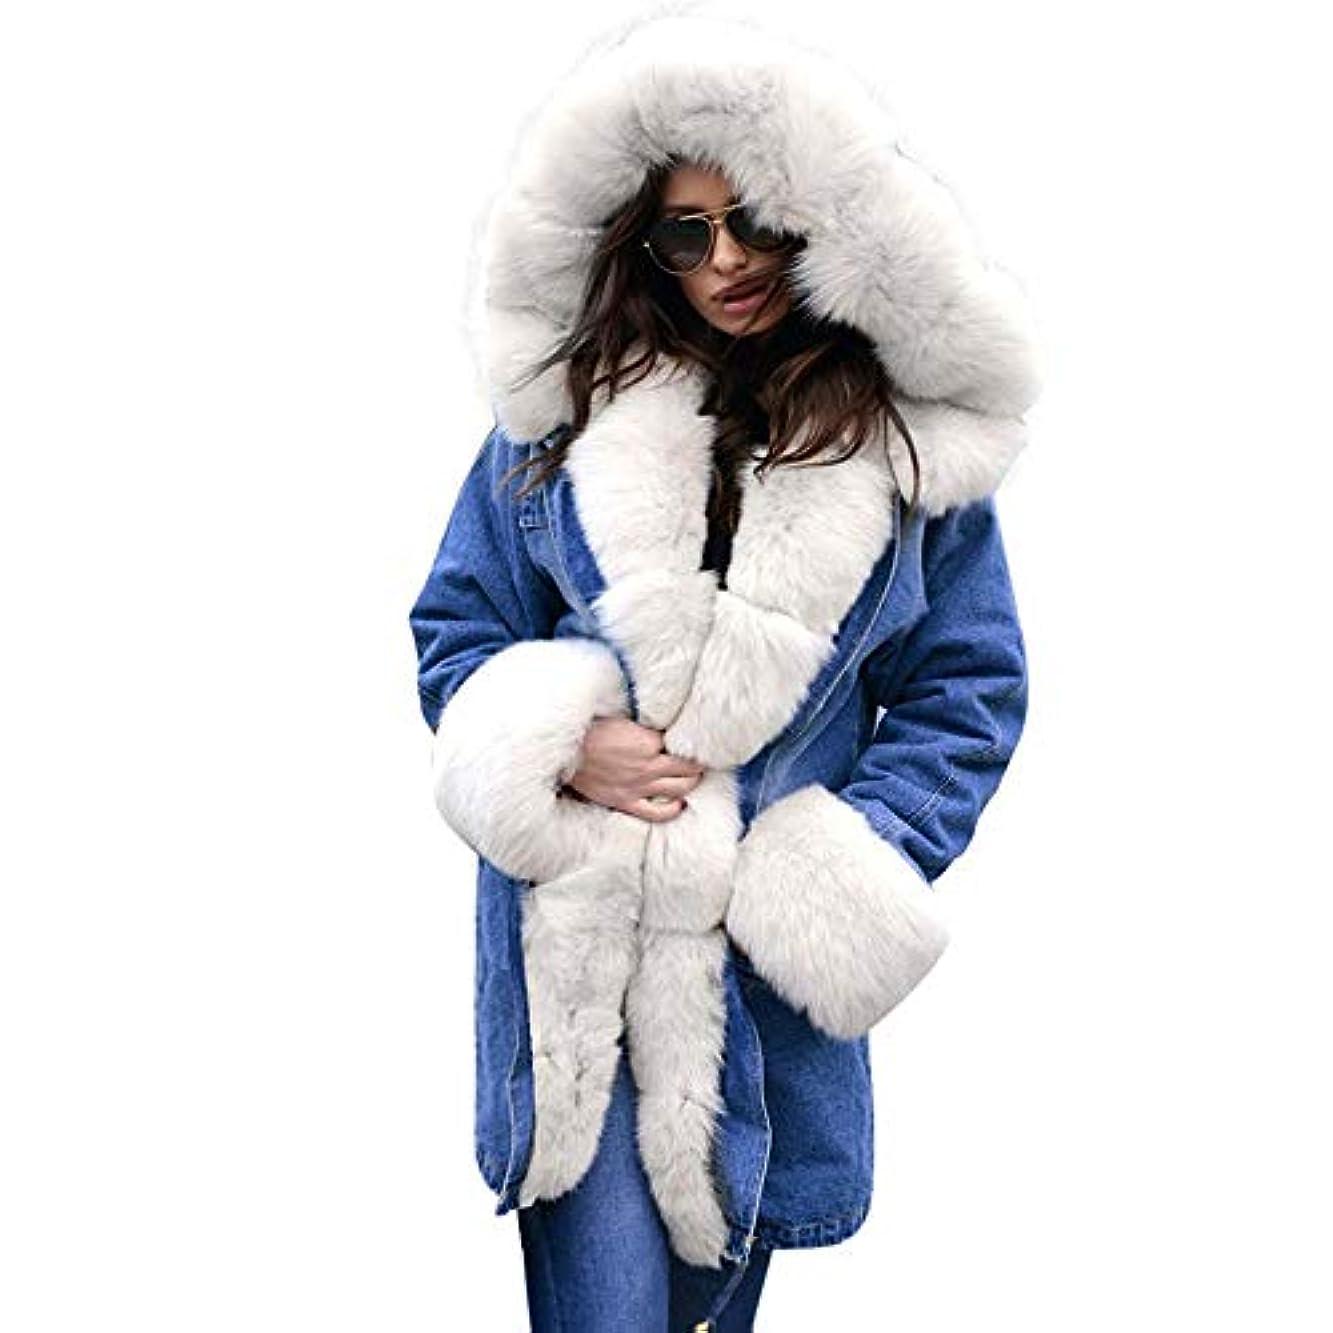 利得レジデンス汚染するファッションウィンタージャケット女性ウォームコートフェイクファーコットンフリースオーバーコート女性ロングフードコートパーカスパーカー,L